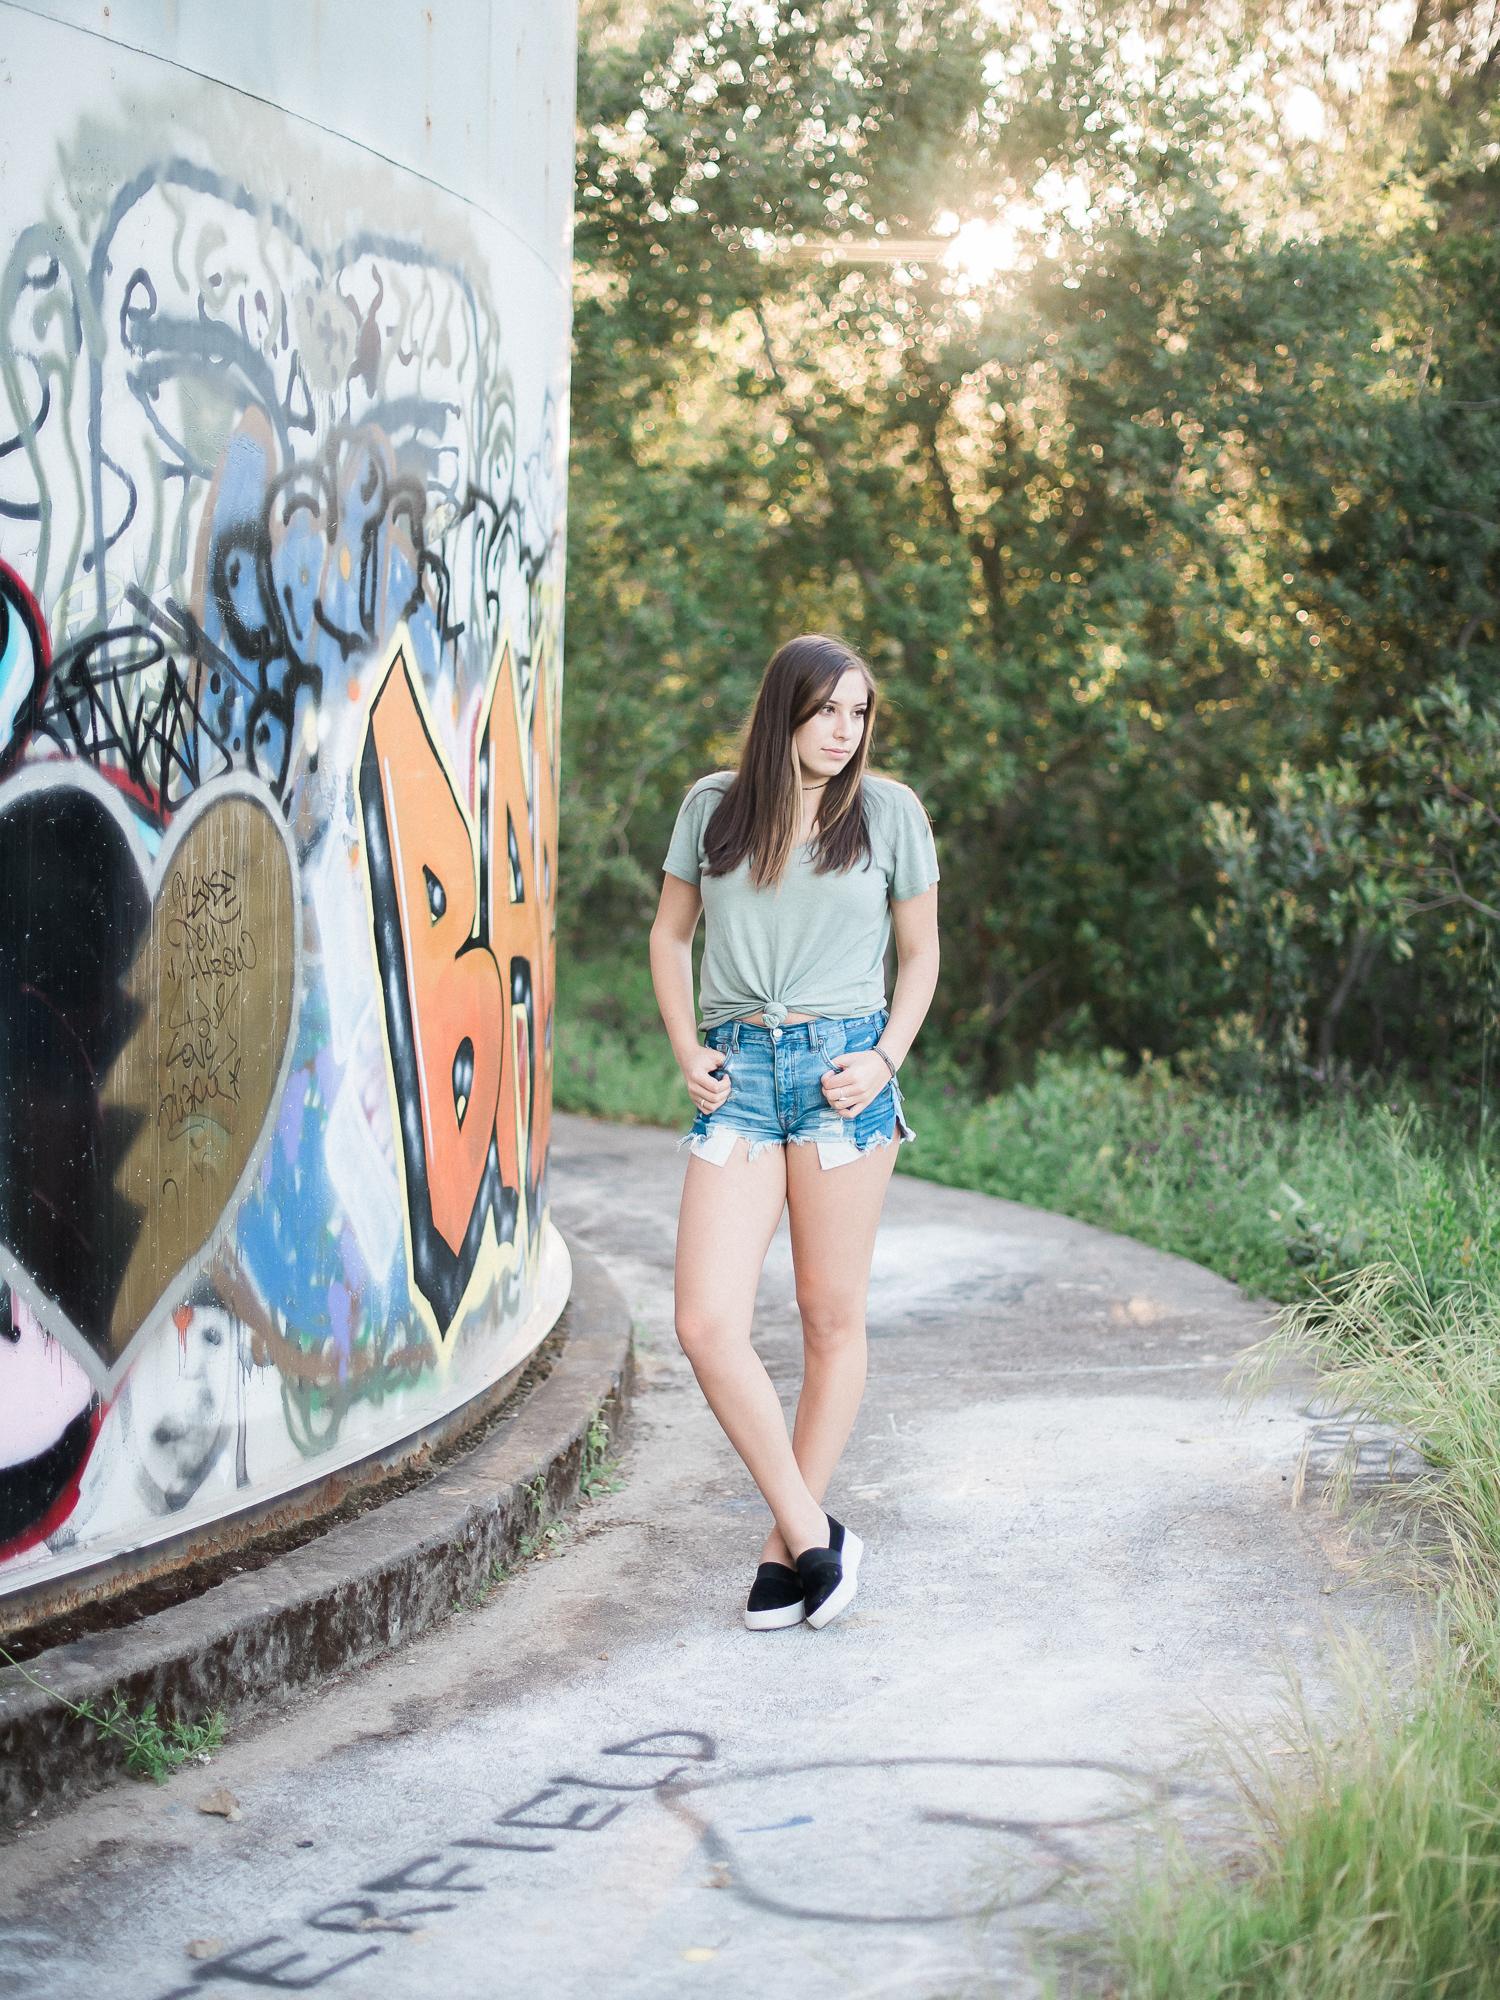 Gianna_HSseniot_spp-9.jpg